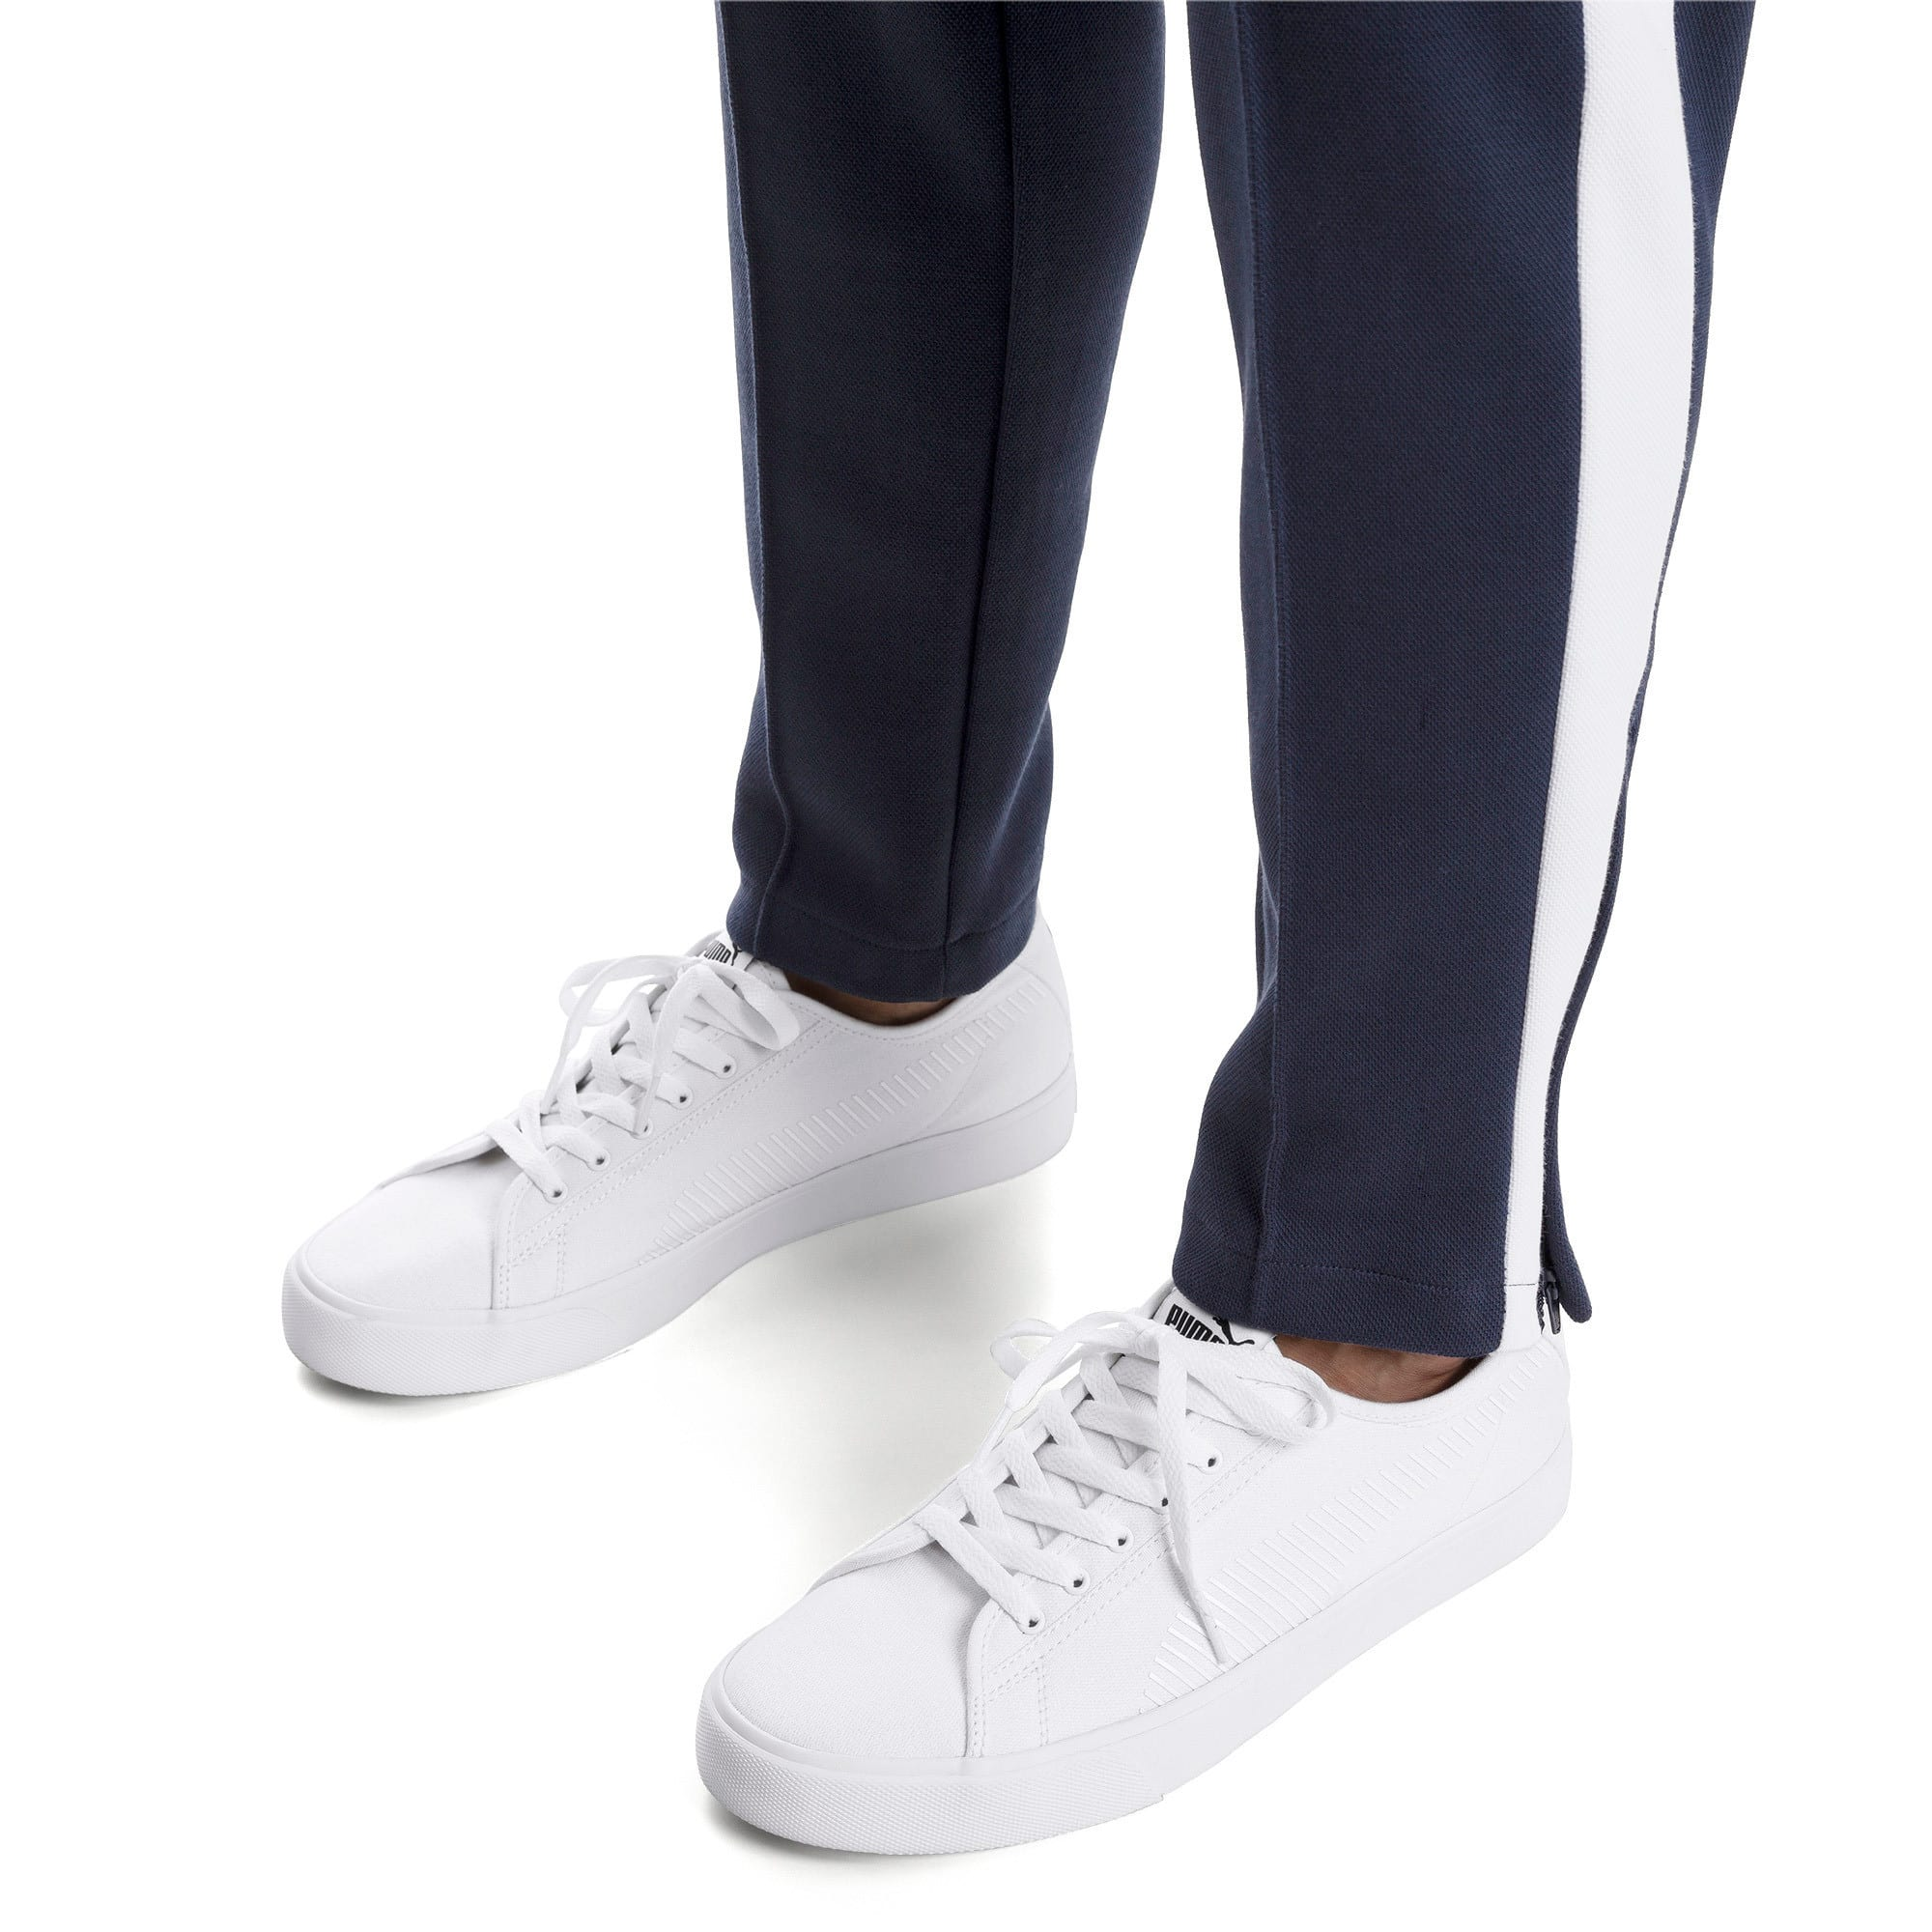 Thumbnail 7 of Bari Sneakers, Puma White-Puma White, medium